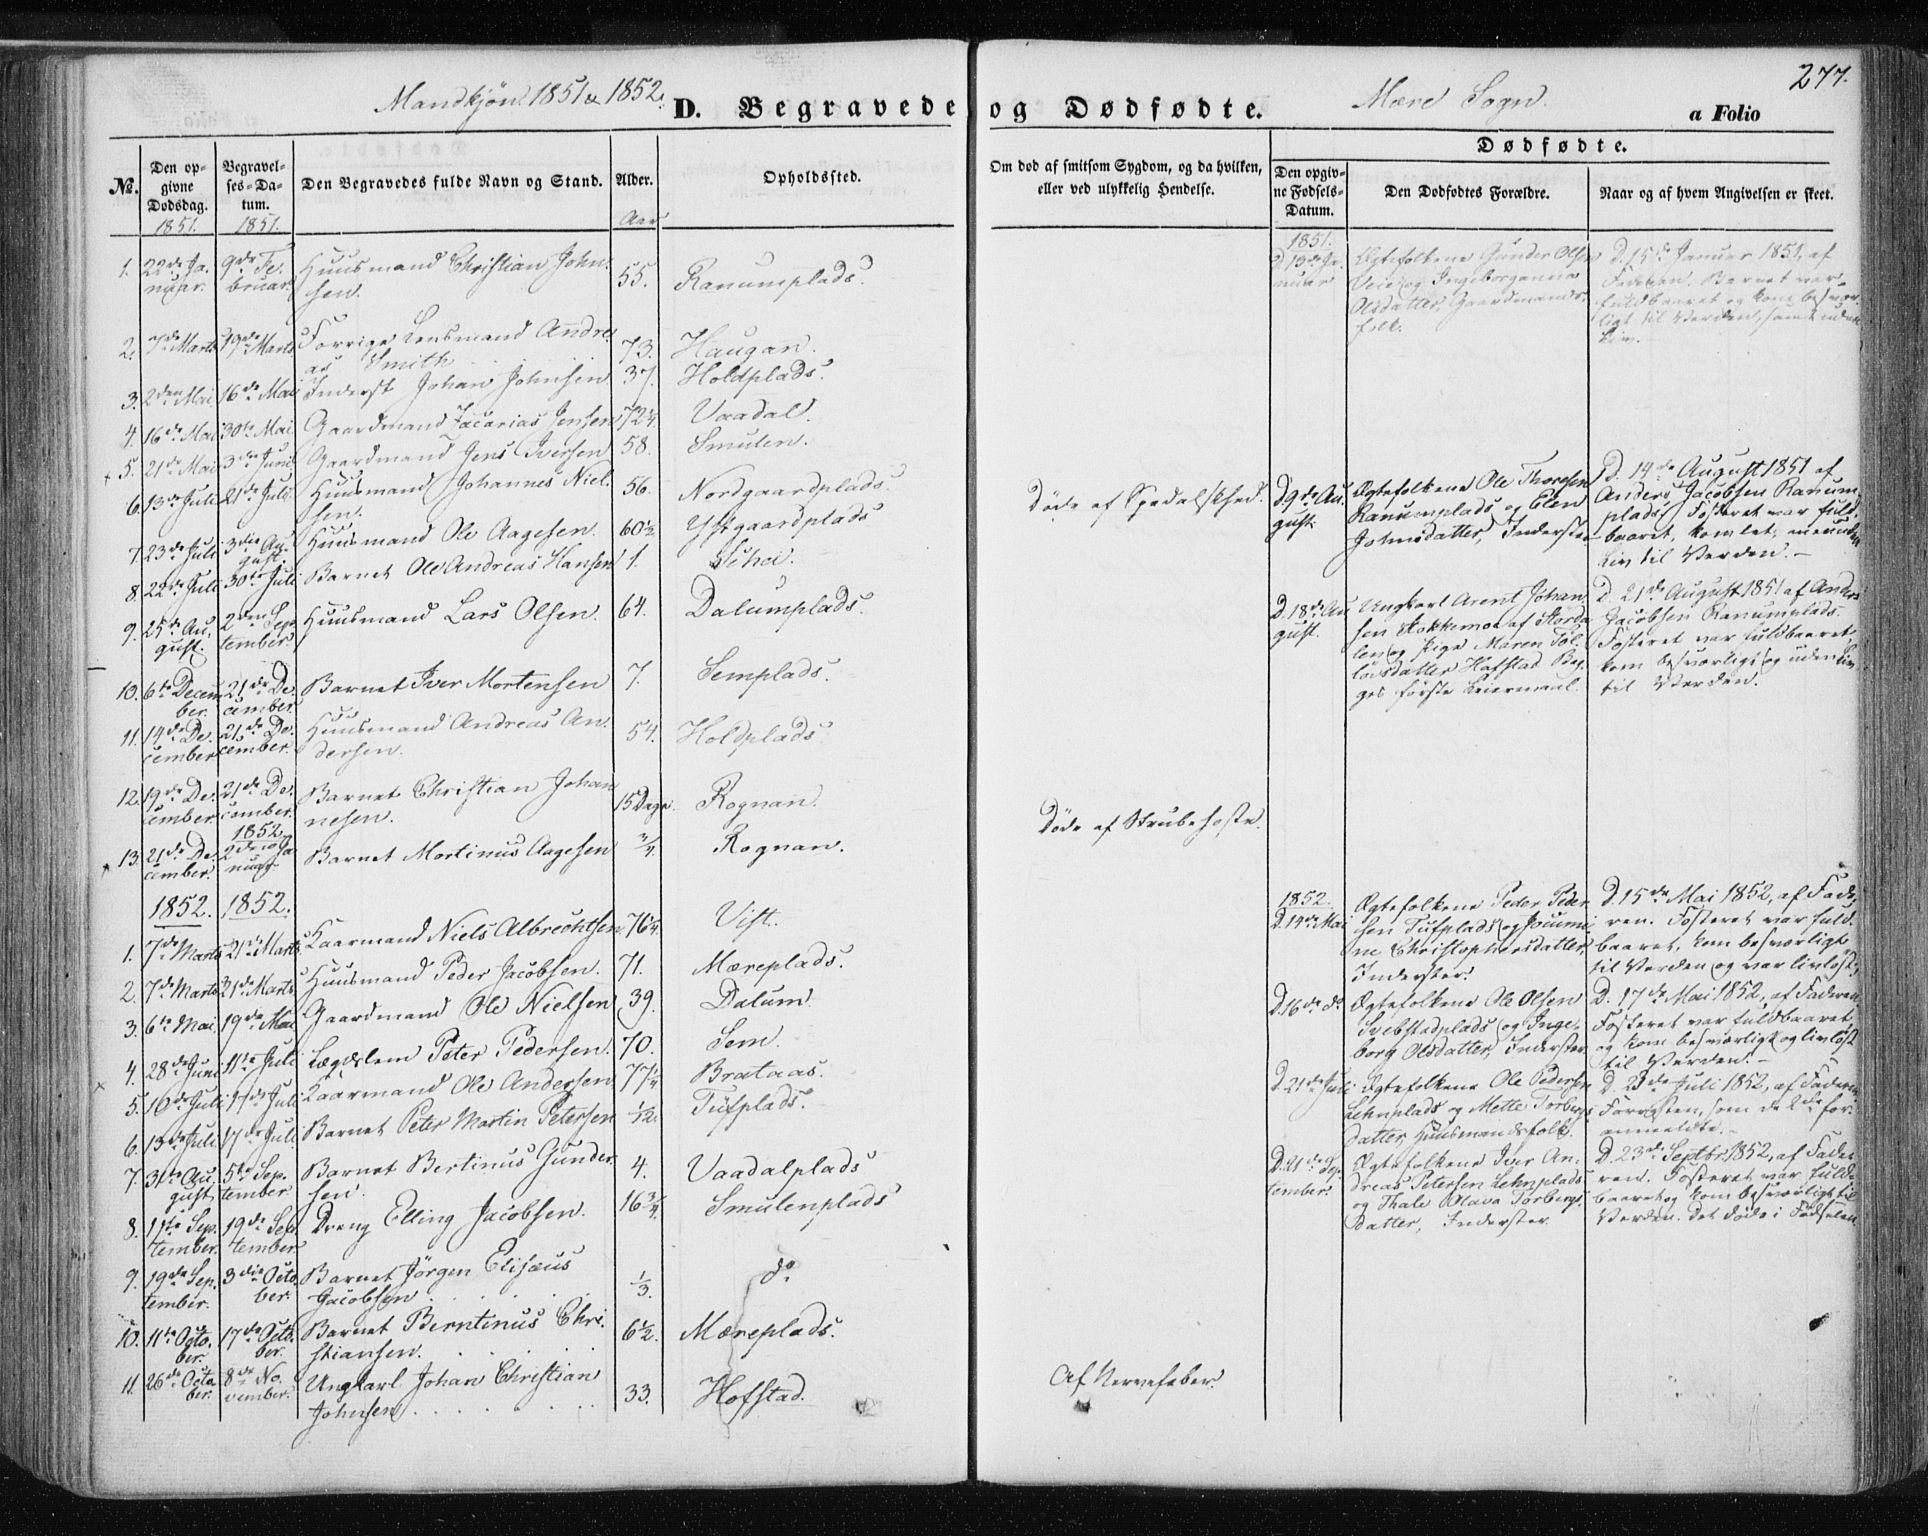 SAT, Ministerialprotokoller, klokkerbøker og fødselsregistre - Nord-Trøndelag, 735/L0342: Ministerialbok nr. 735A07 /1, 1849-1862, s. 277